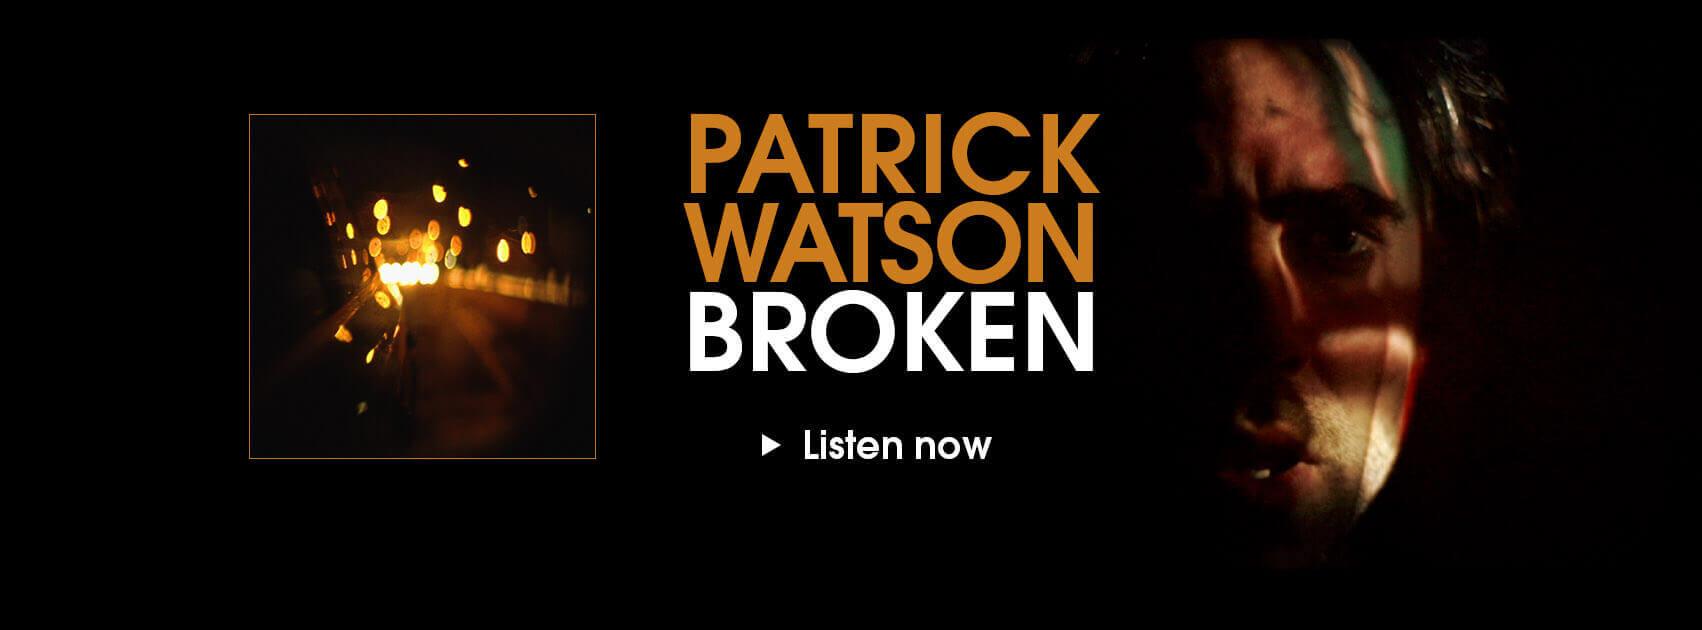 PatrickWatson-Broken-SCR-En